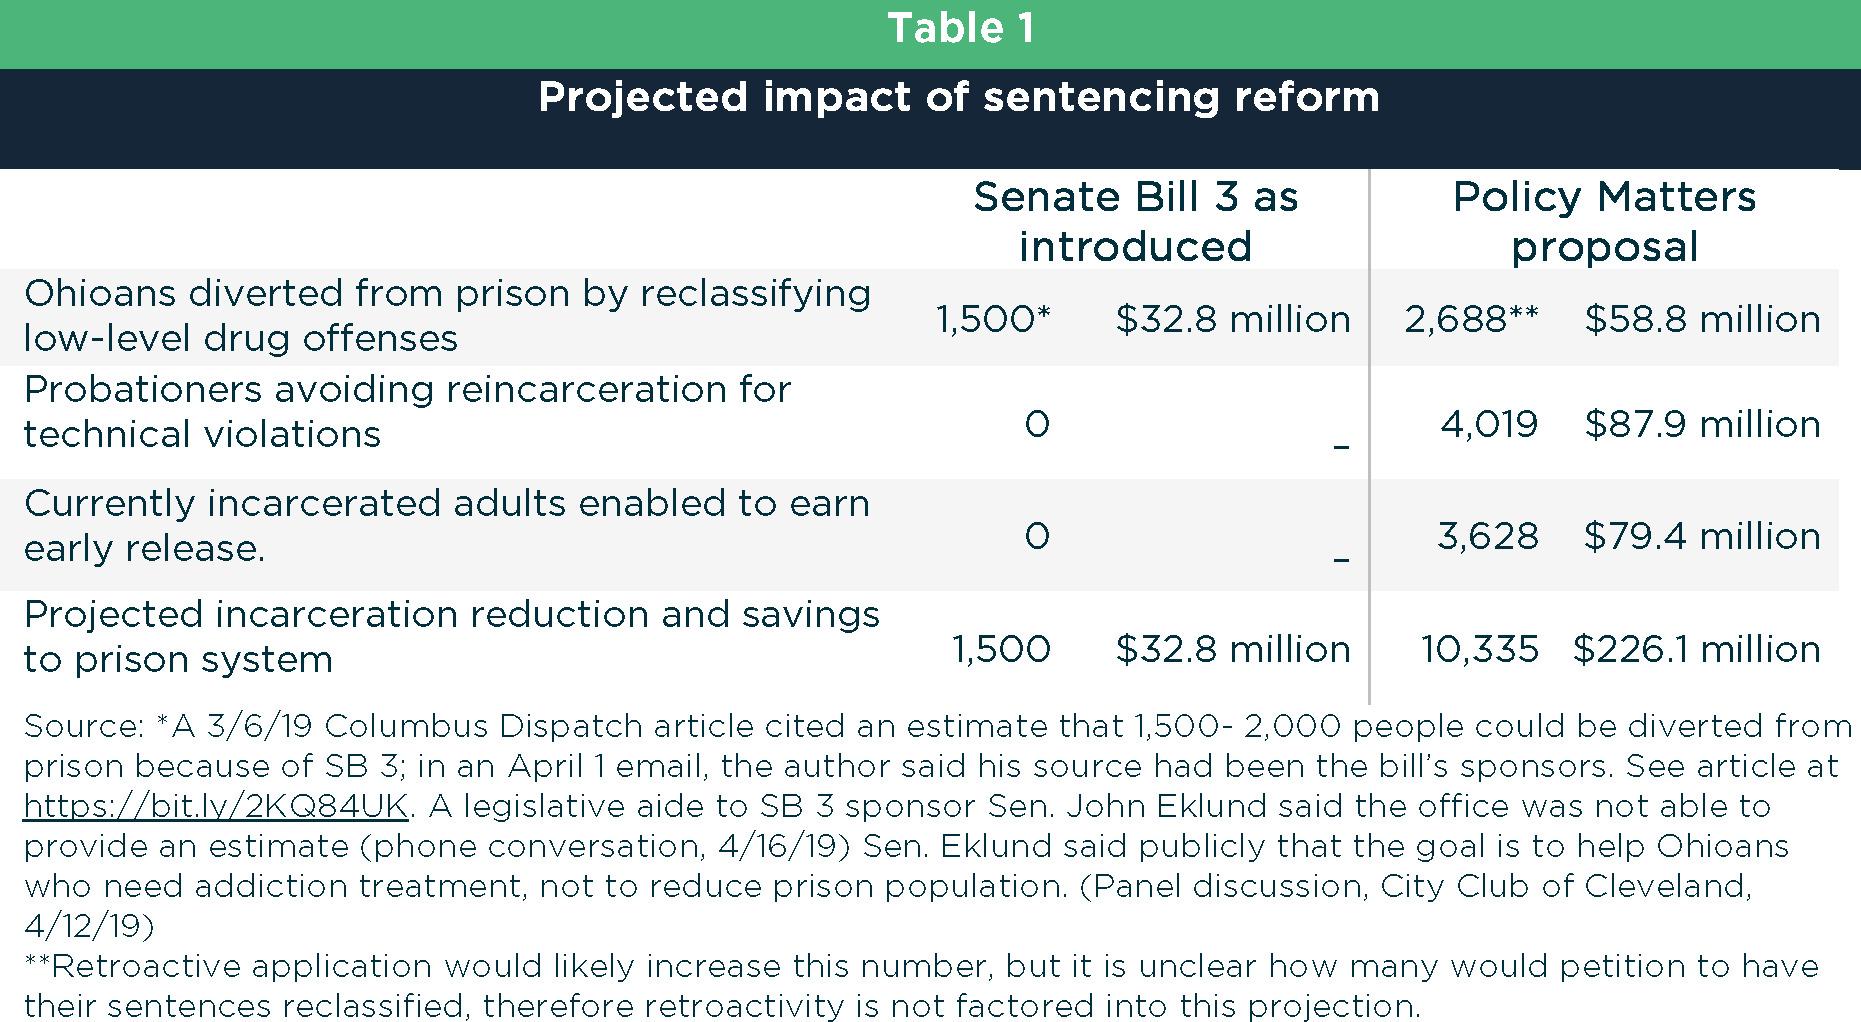 Sentencing reform through a stronger SB 3